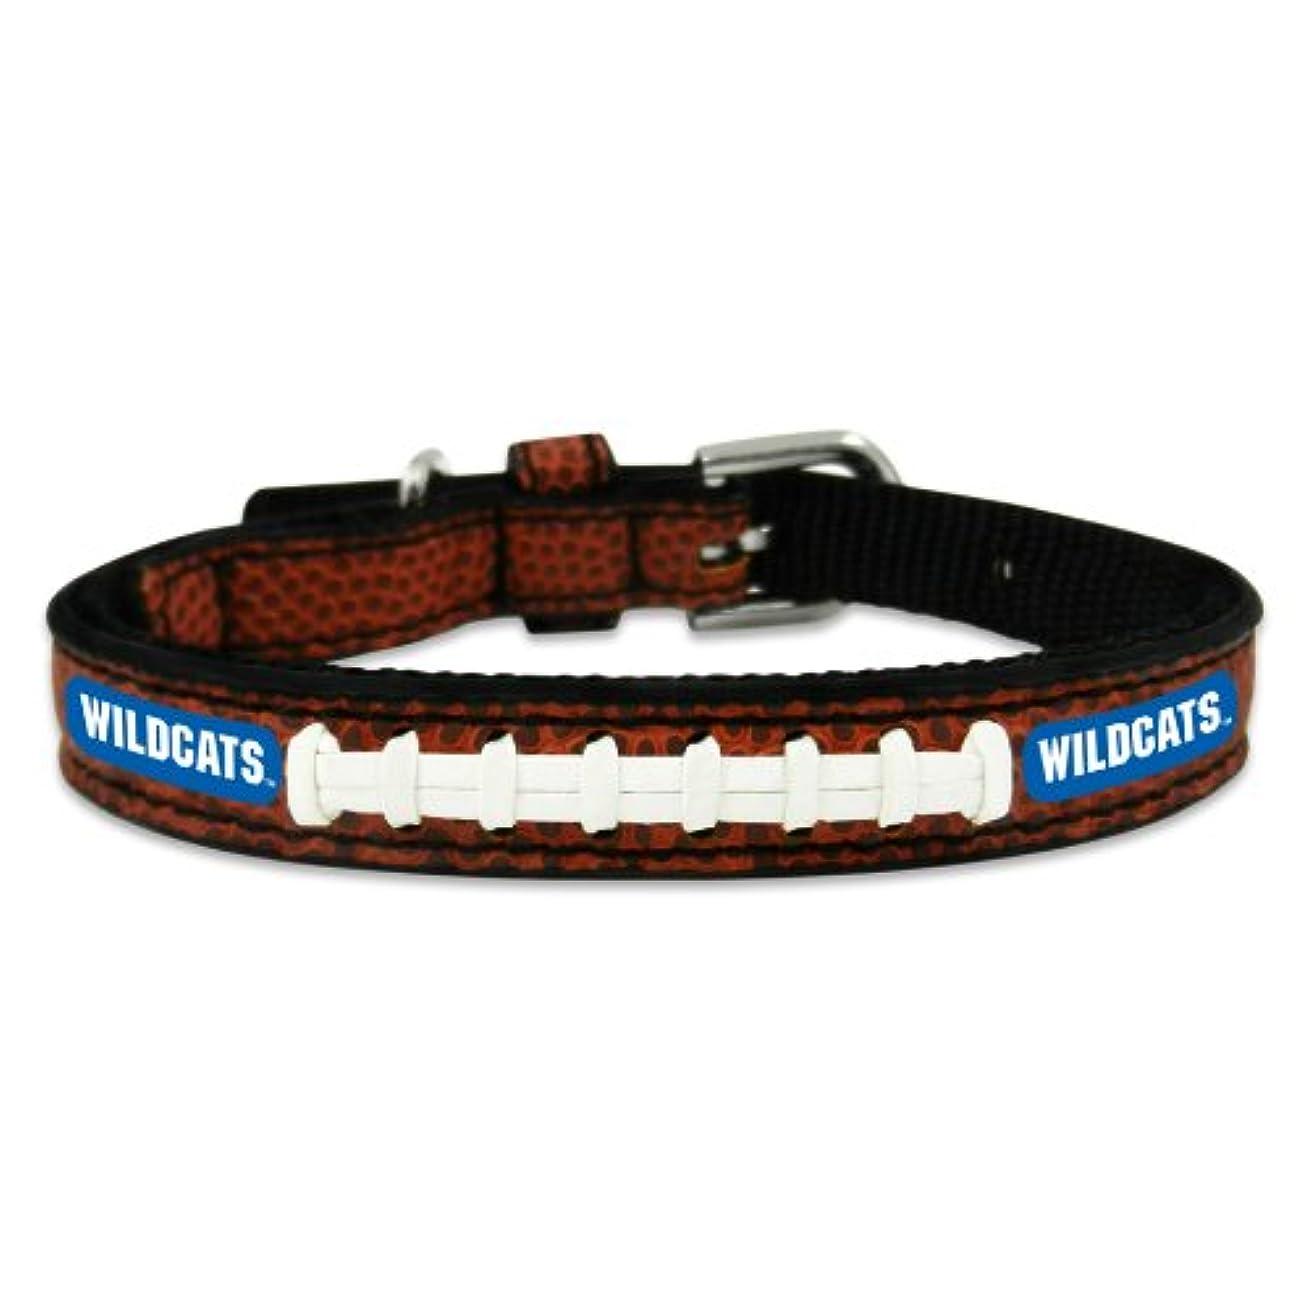 部屋を掃除する安心バタフライKentucky Wildcats Classic Leather Toy Football Collar